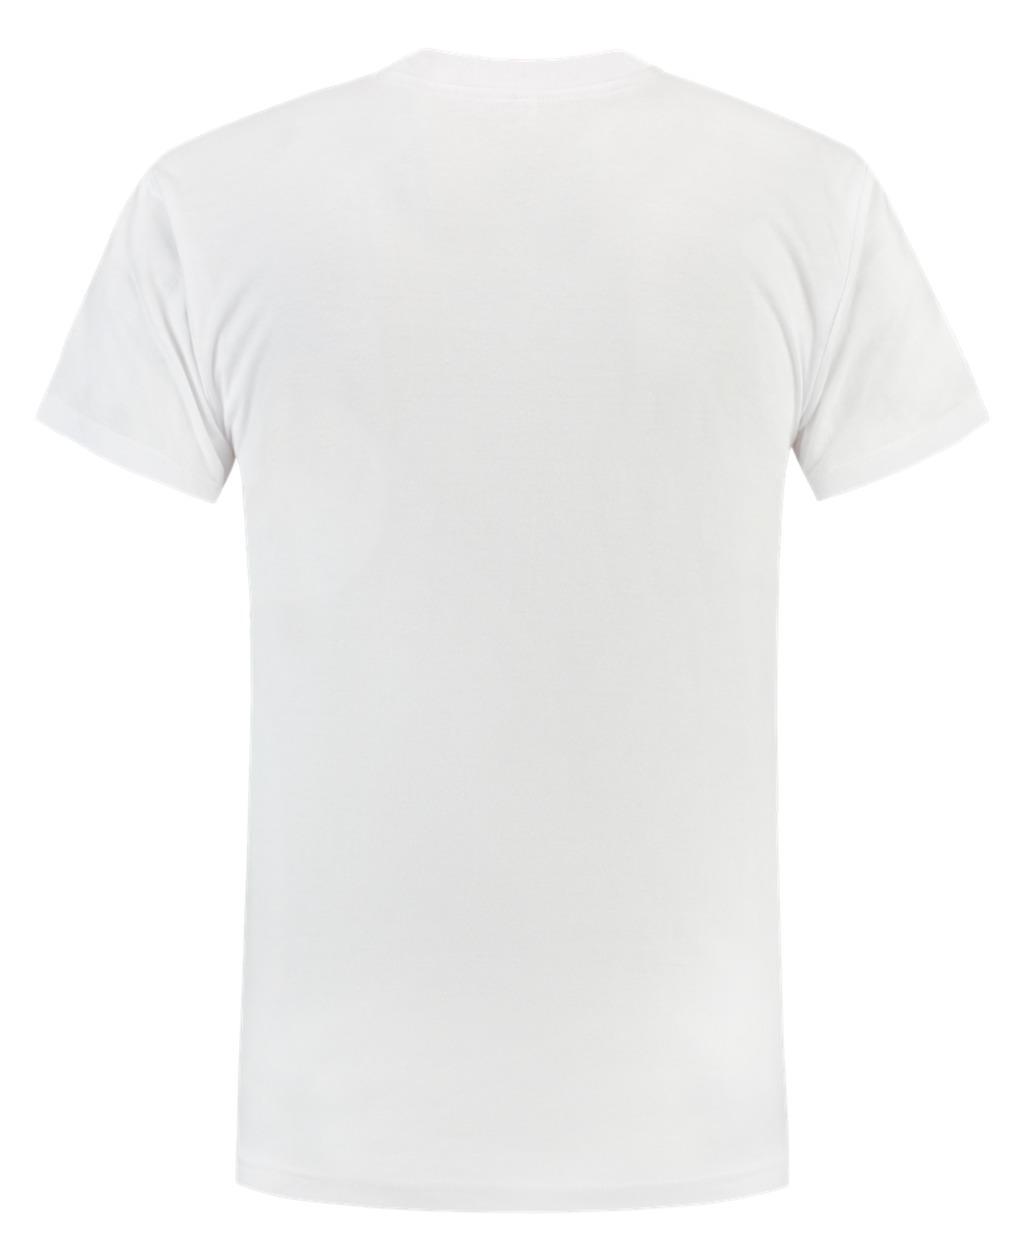 TV190 T-shirt